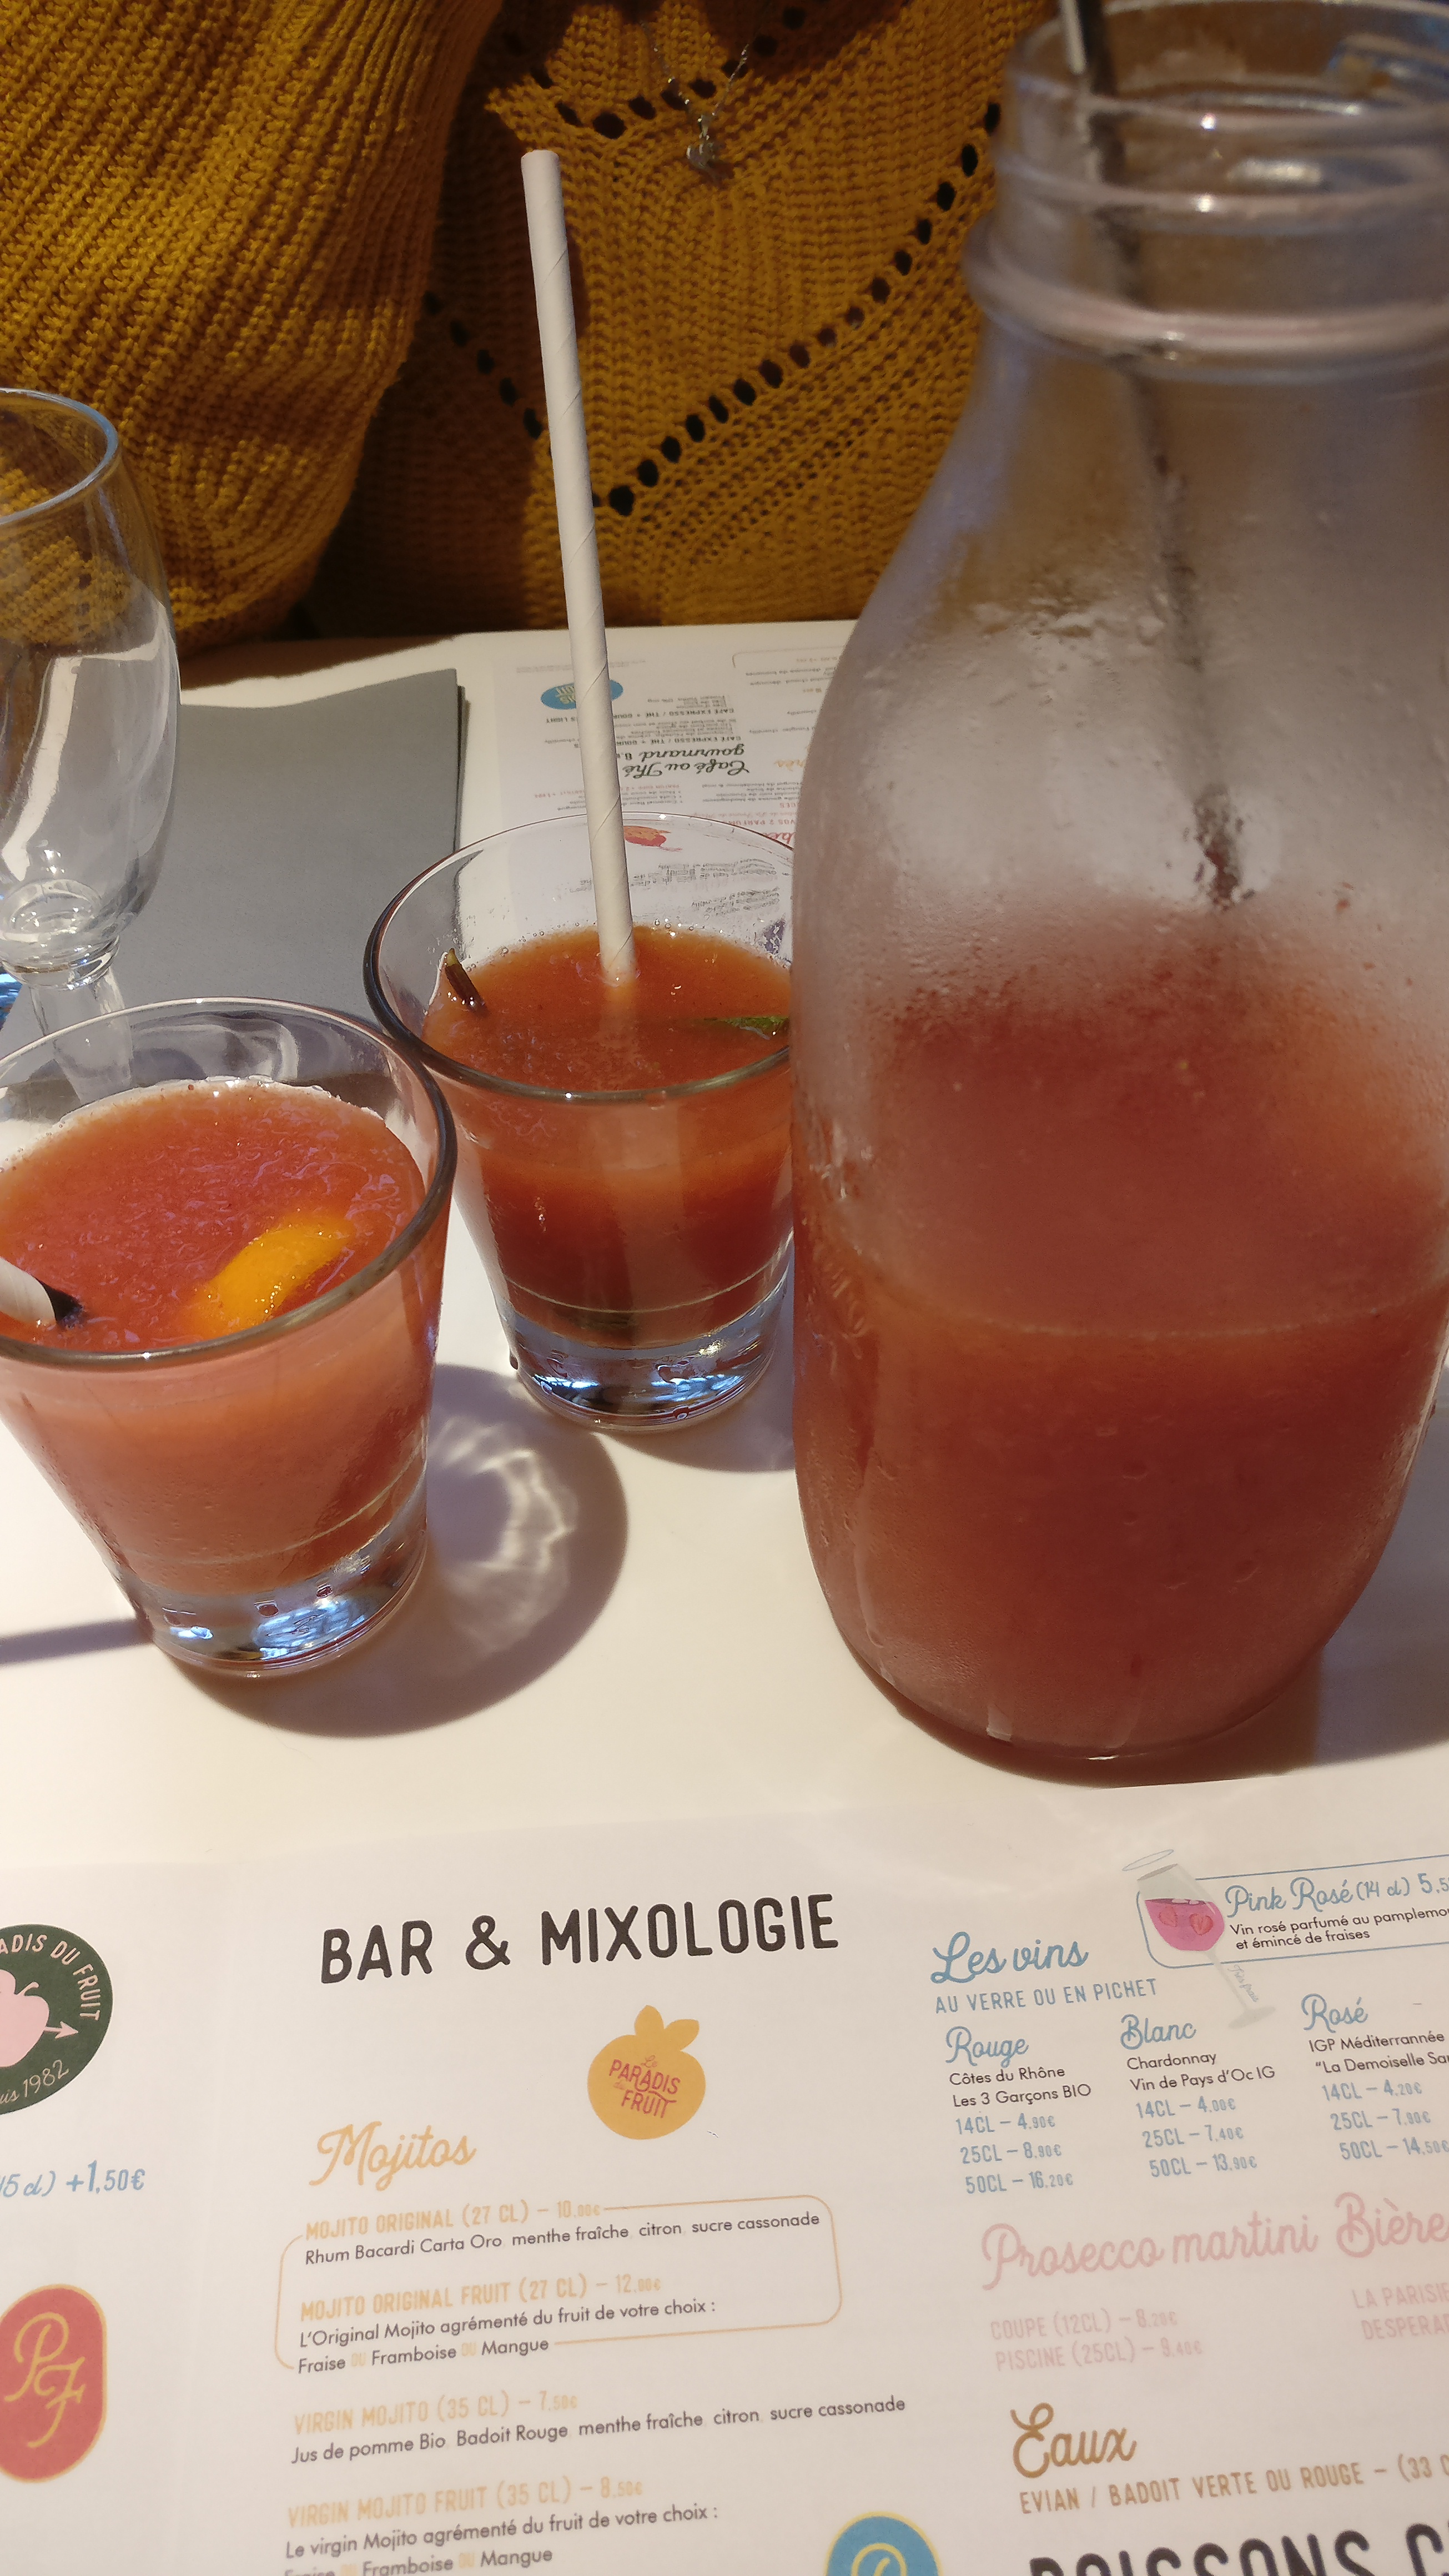 Photo du produit Limonade Rouge Orangeade [Restaurant - Le Paradis du Fruit] prise par Benbb96